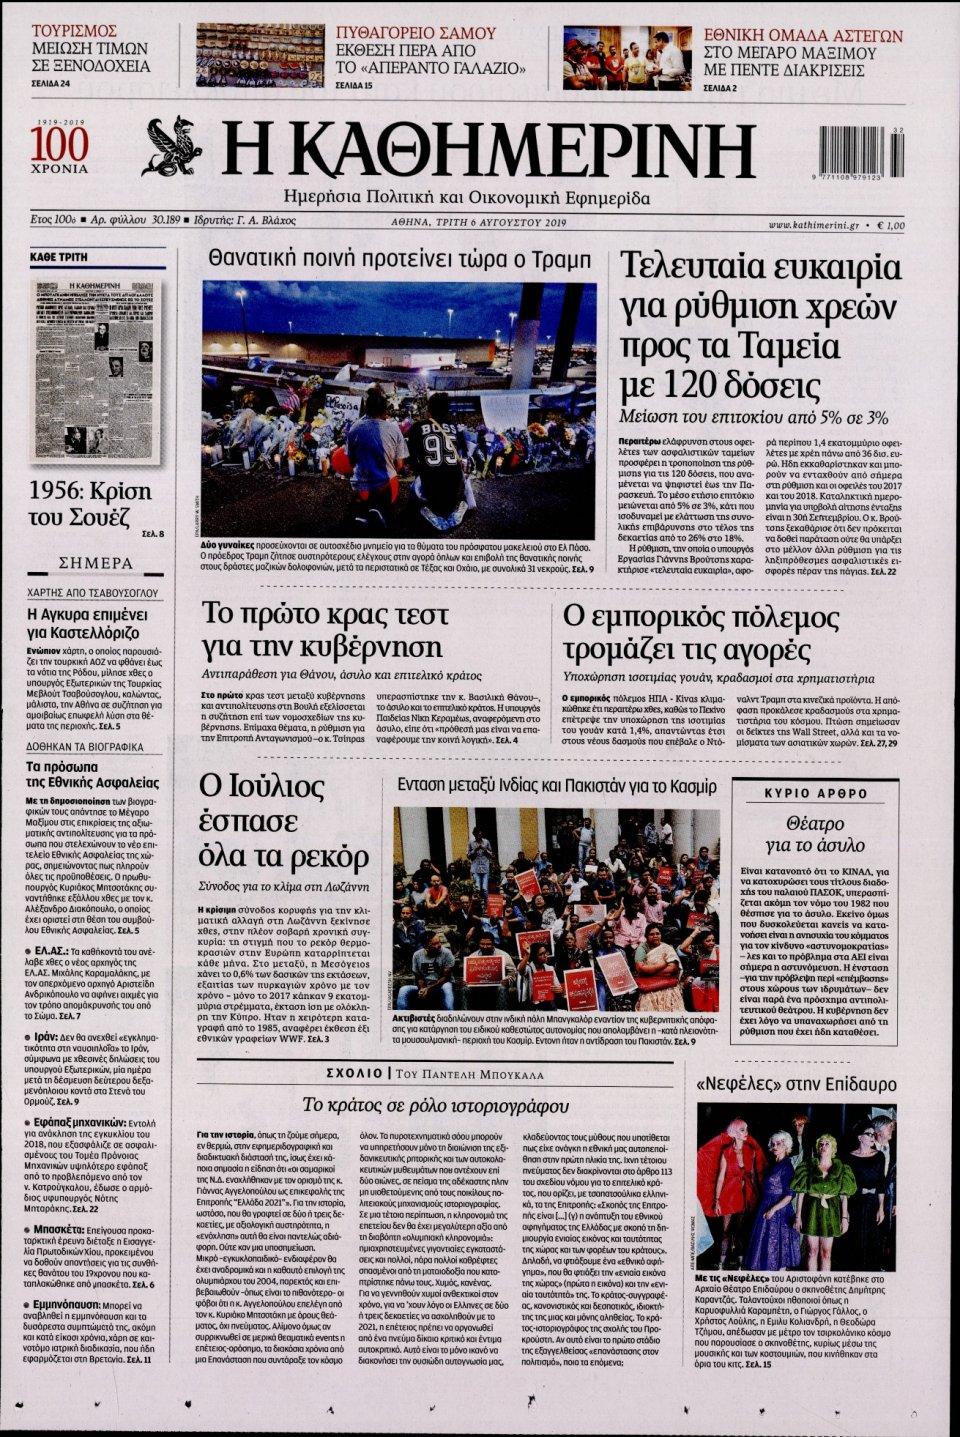 Πρωτοσέλιδο Εφημερίδας - Καθημερινή - 2019-08-06